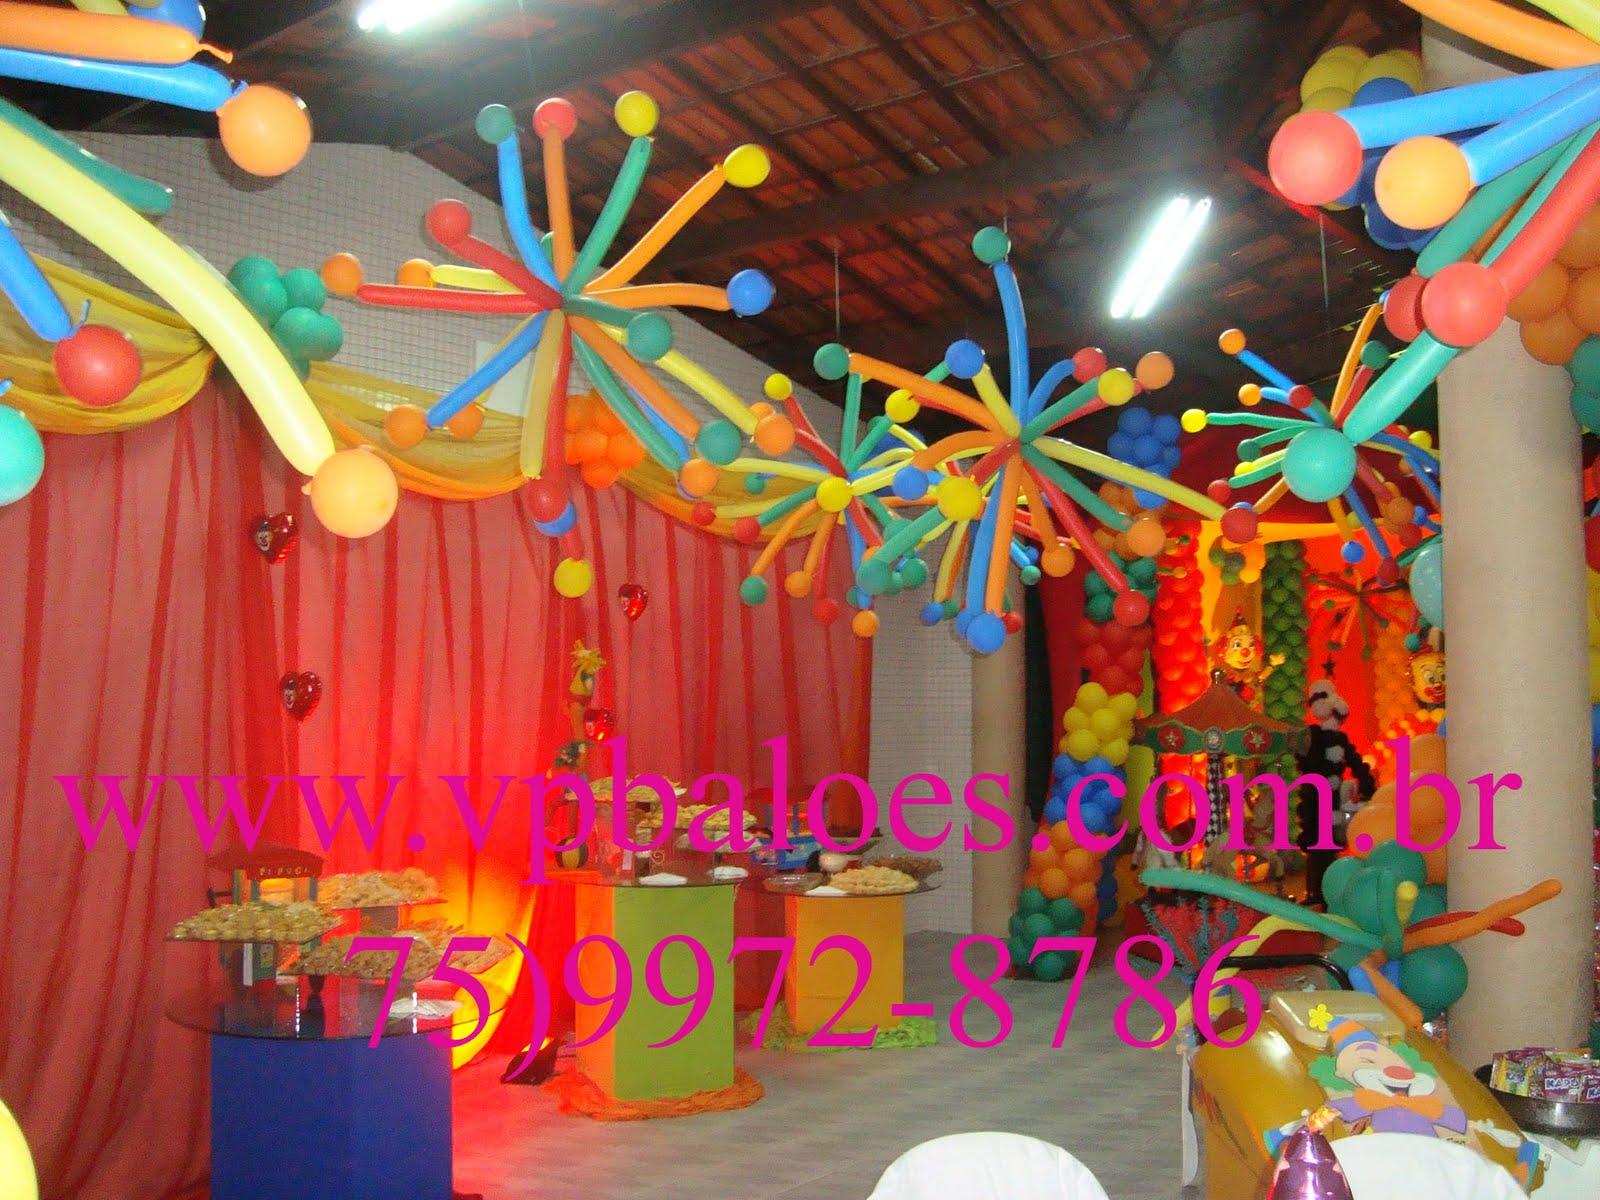 vanderli aparecida pantolfi eventos festa do circo do guilherme 1 aninho. Black Bedroom Furniture Sets. Home Design Ideas